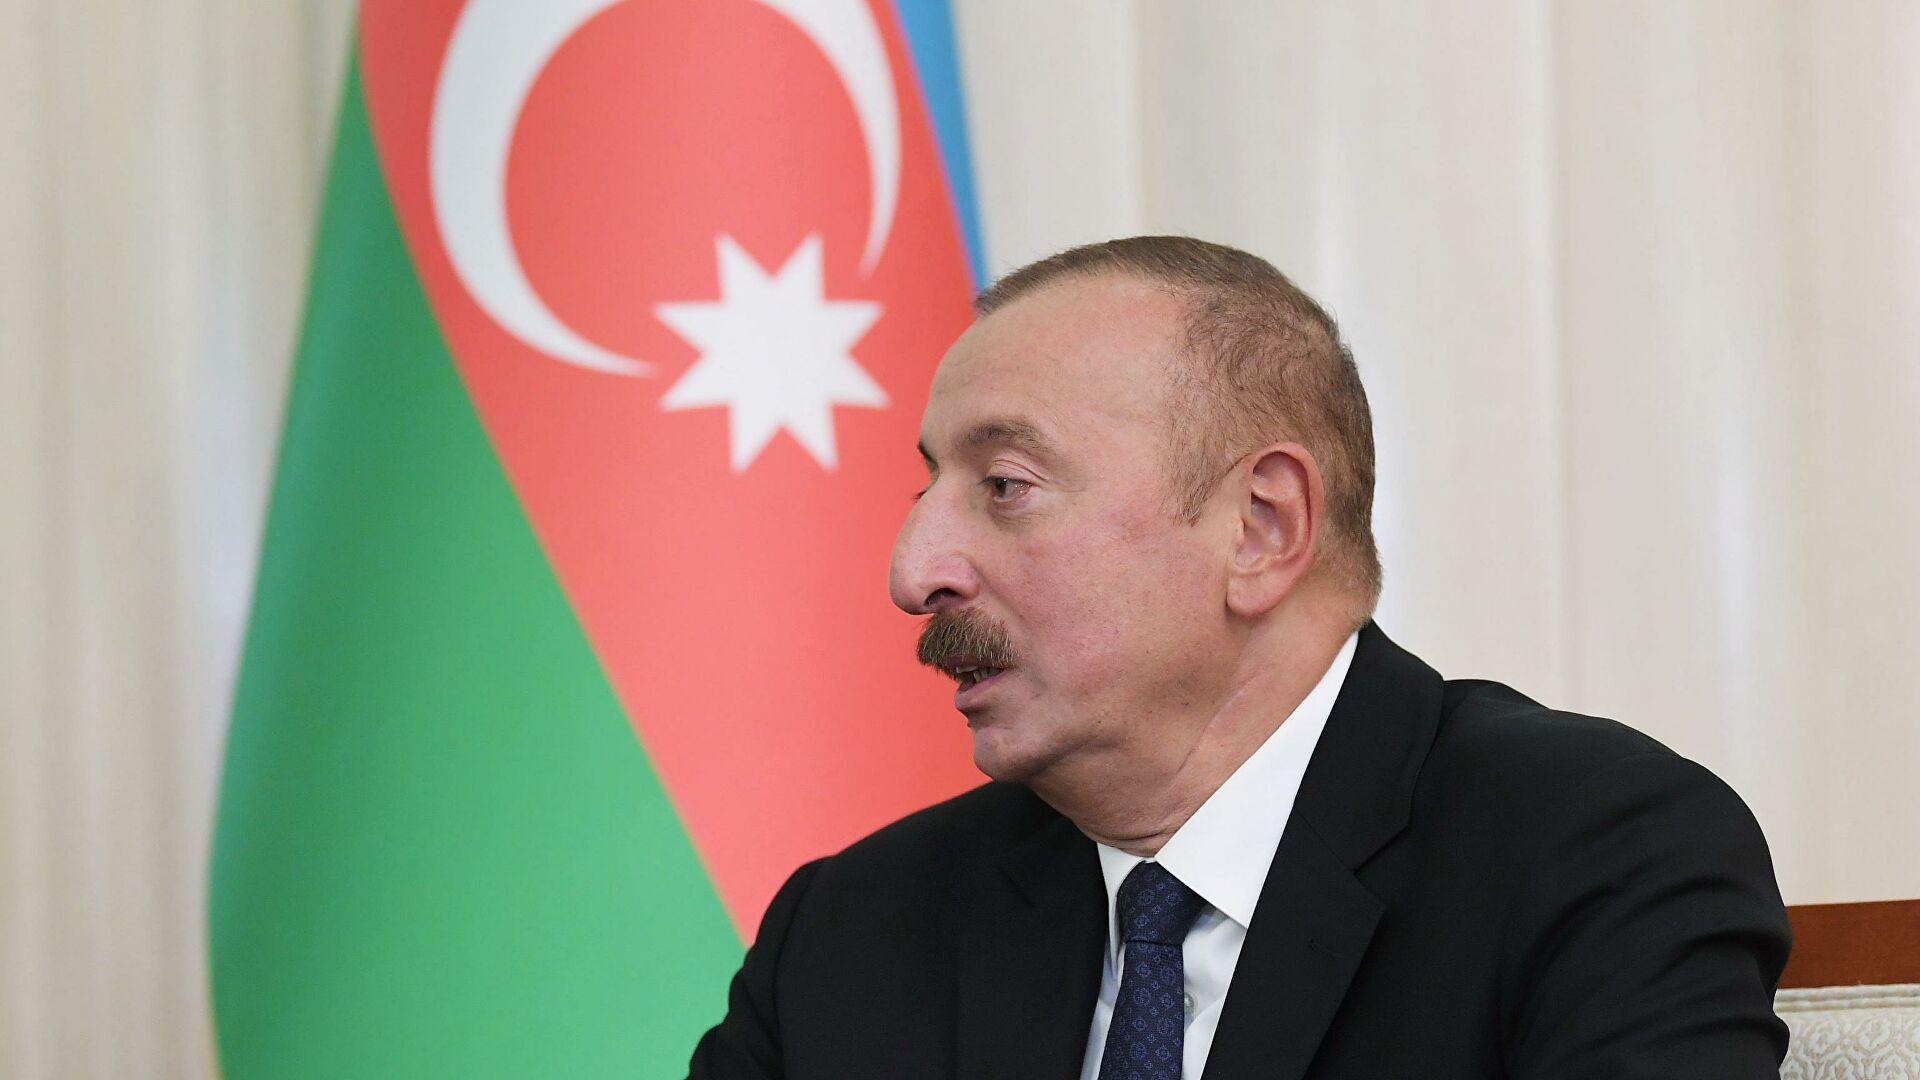 Алијев: Употребићемо турске ловце Ф-16 у случају стране агресије на Азербејџан